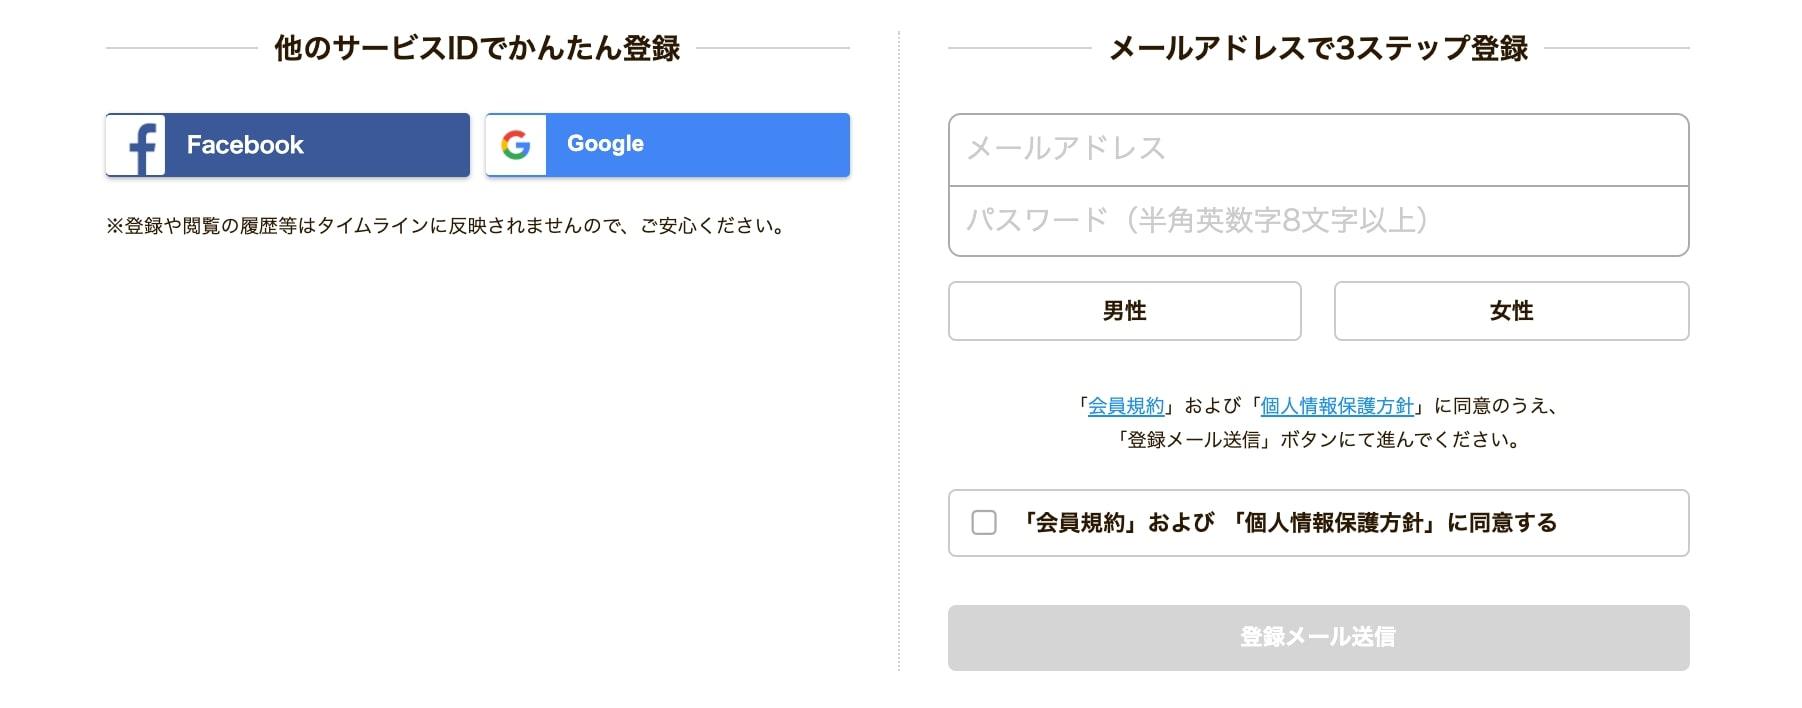 オンスク.JPの登録方法